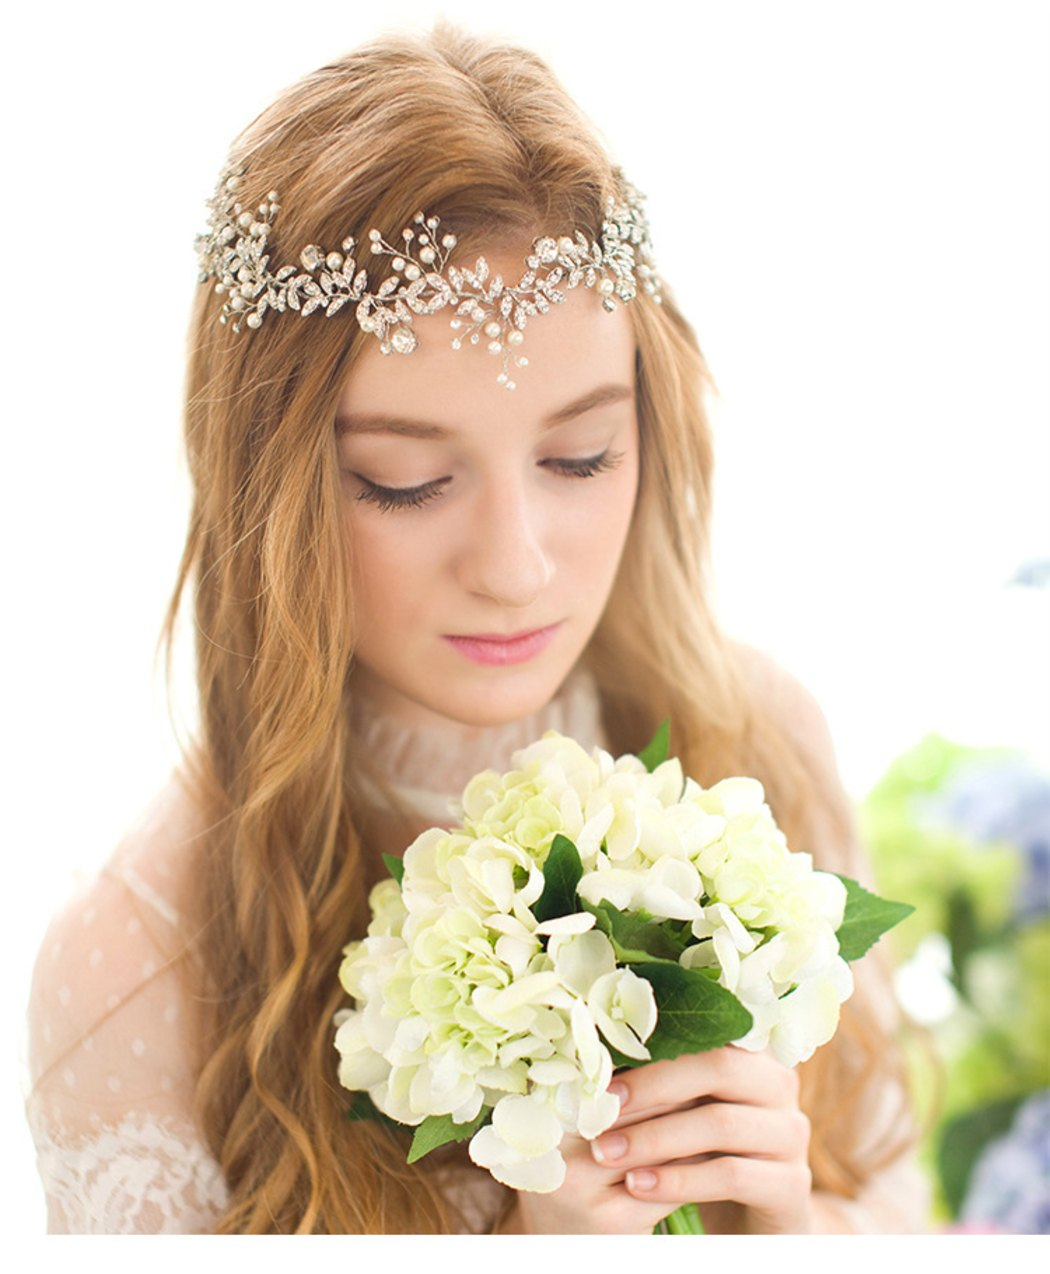 00c823d559d5d おしゃれミニ葉っぱと真珠パールの髪留め 花嫁結婚式二次会祝い用ヘアバンド ヘアアクセサリー